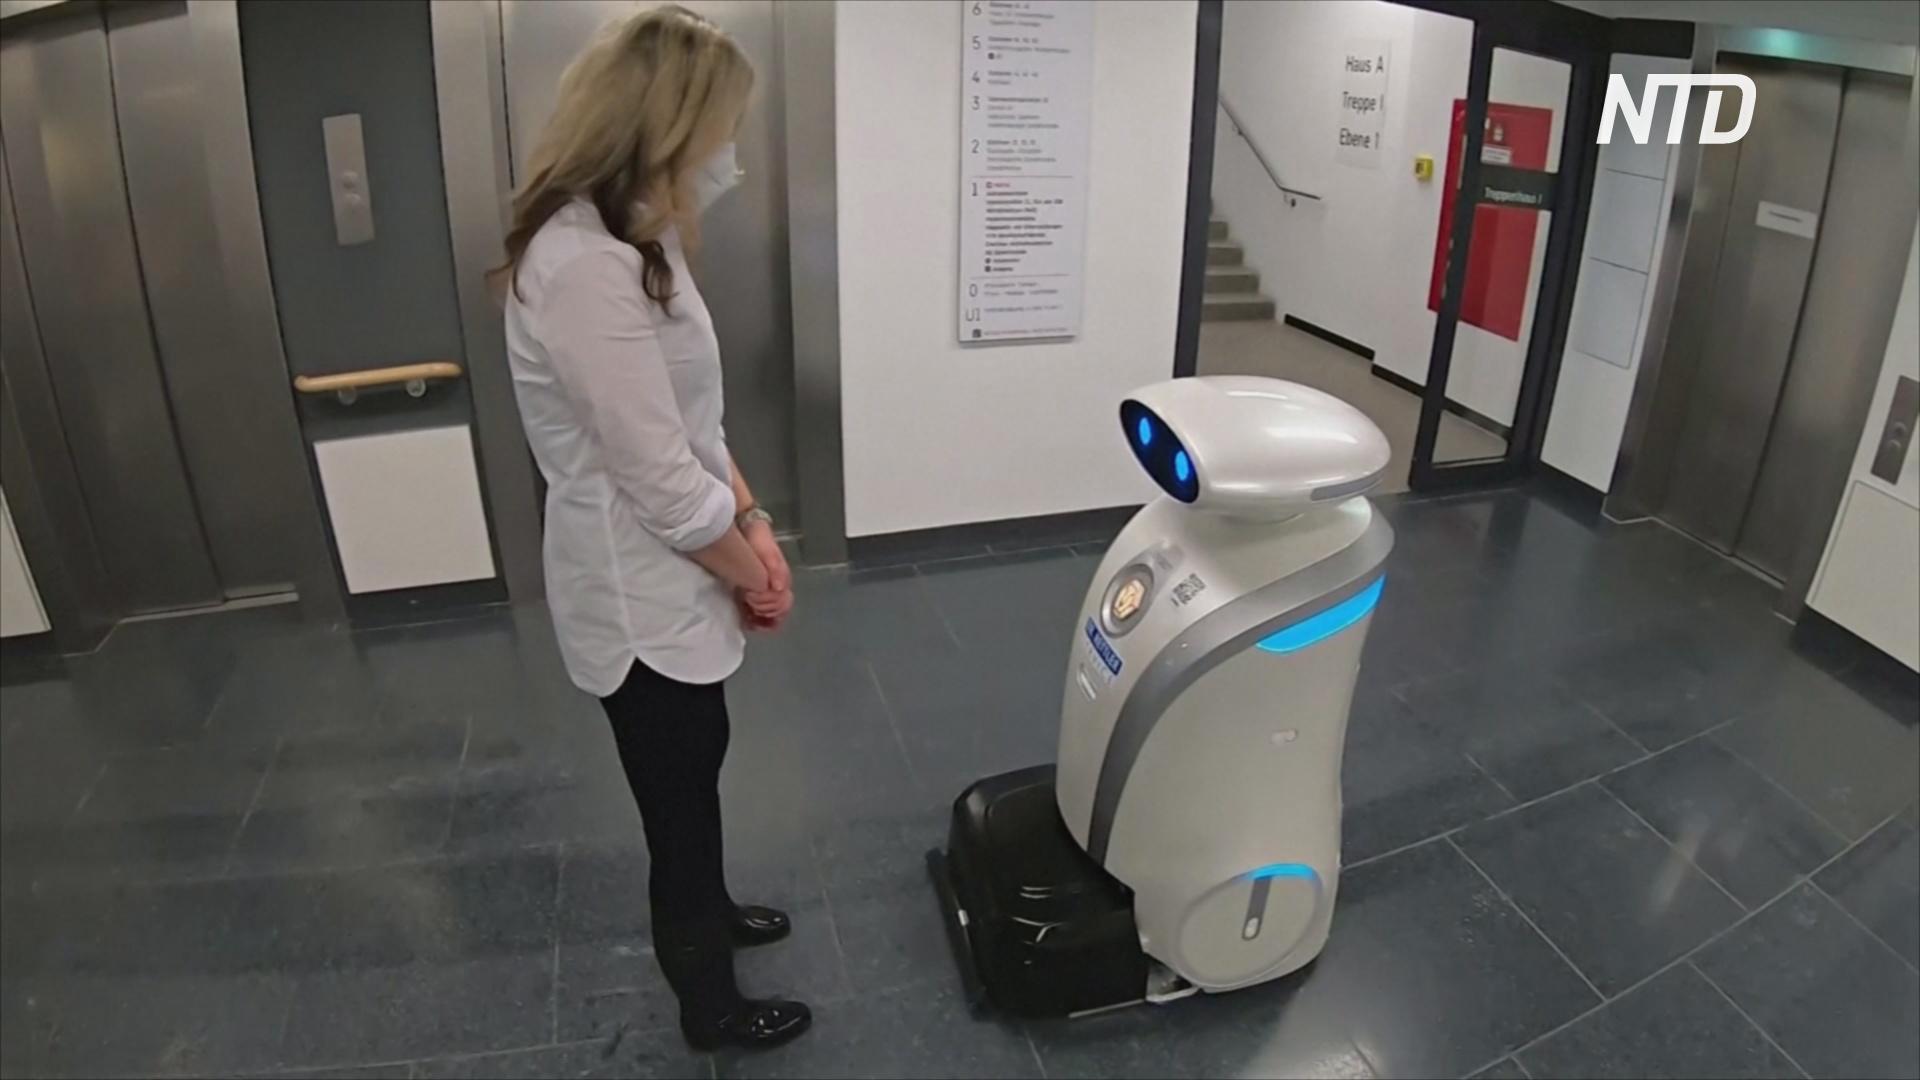 Уборка и песни: робот развлекает медиков и пациентов больницы в Мюнхене